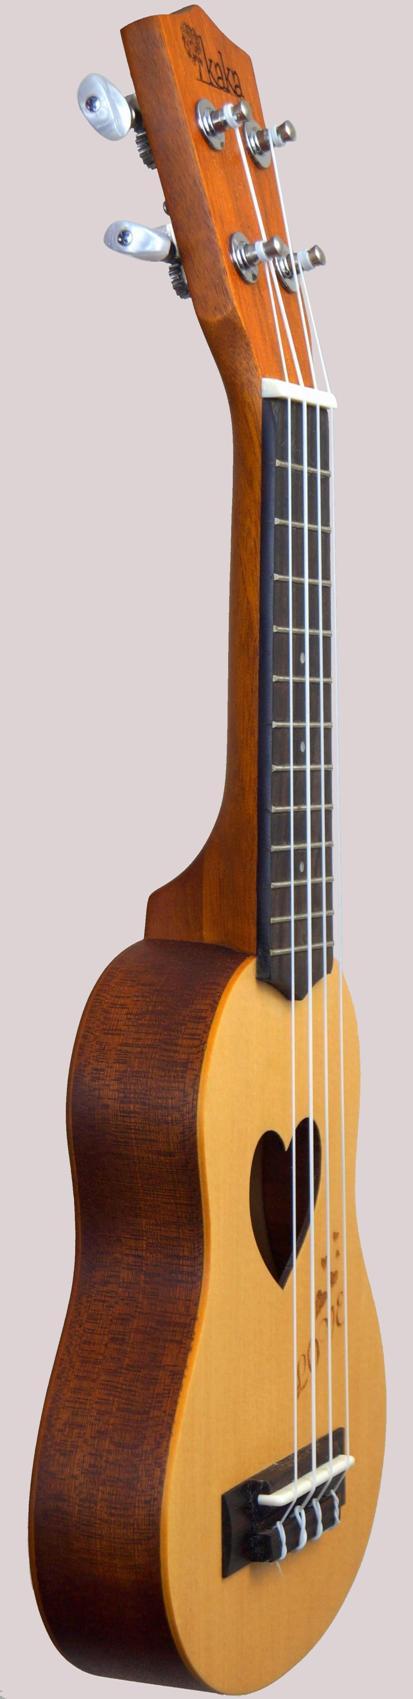 Kaka baby love ukulele